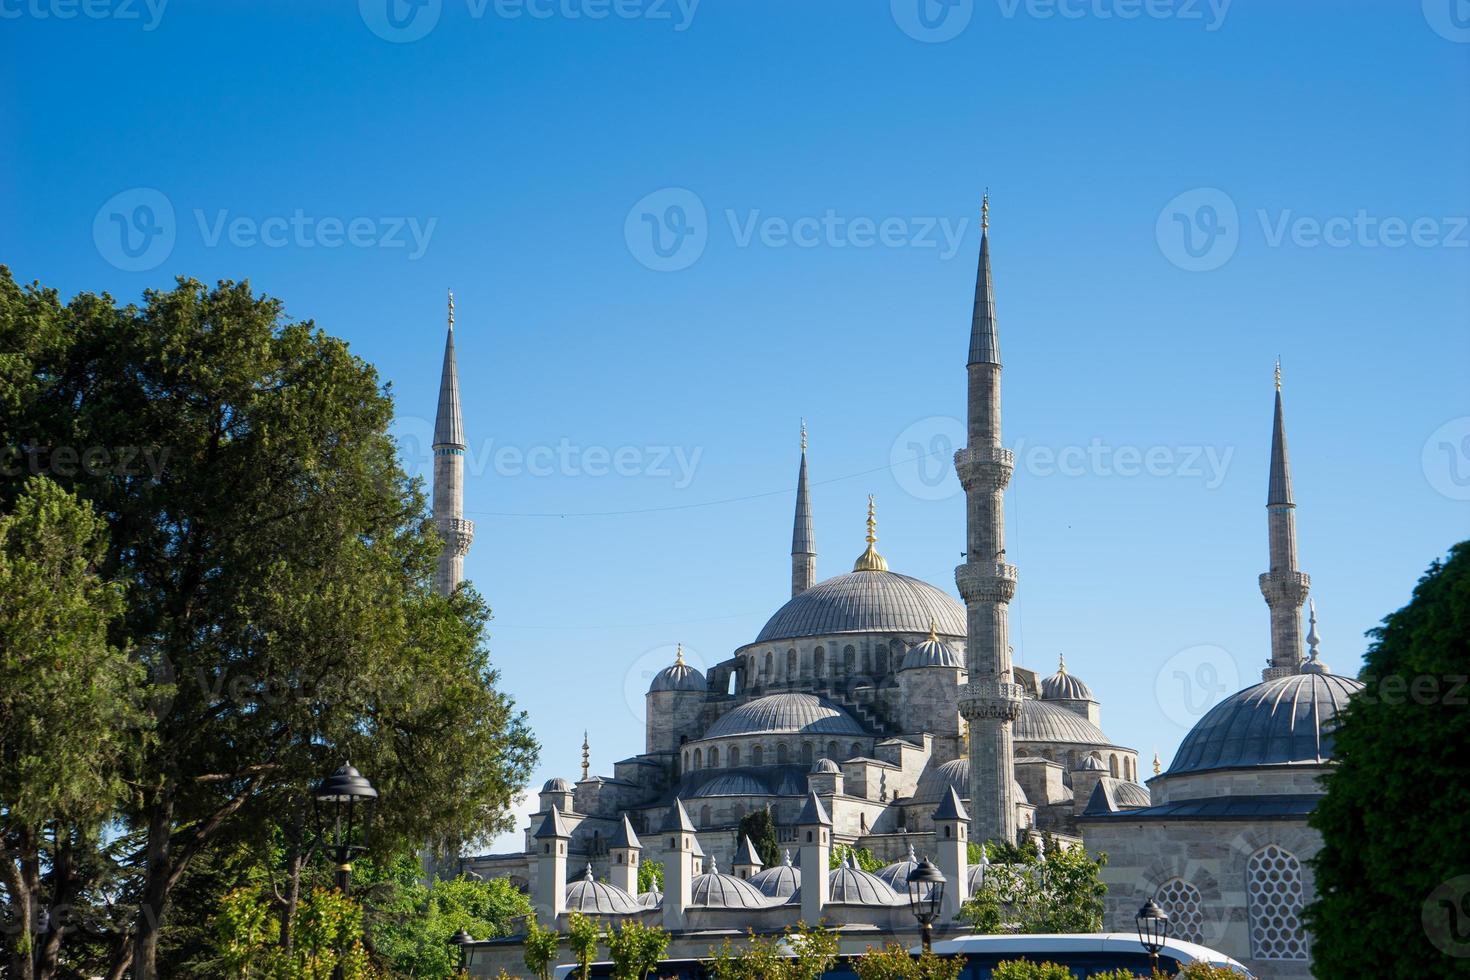 moschea blu sultano ahm, turchia di istanbul foto